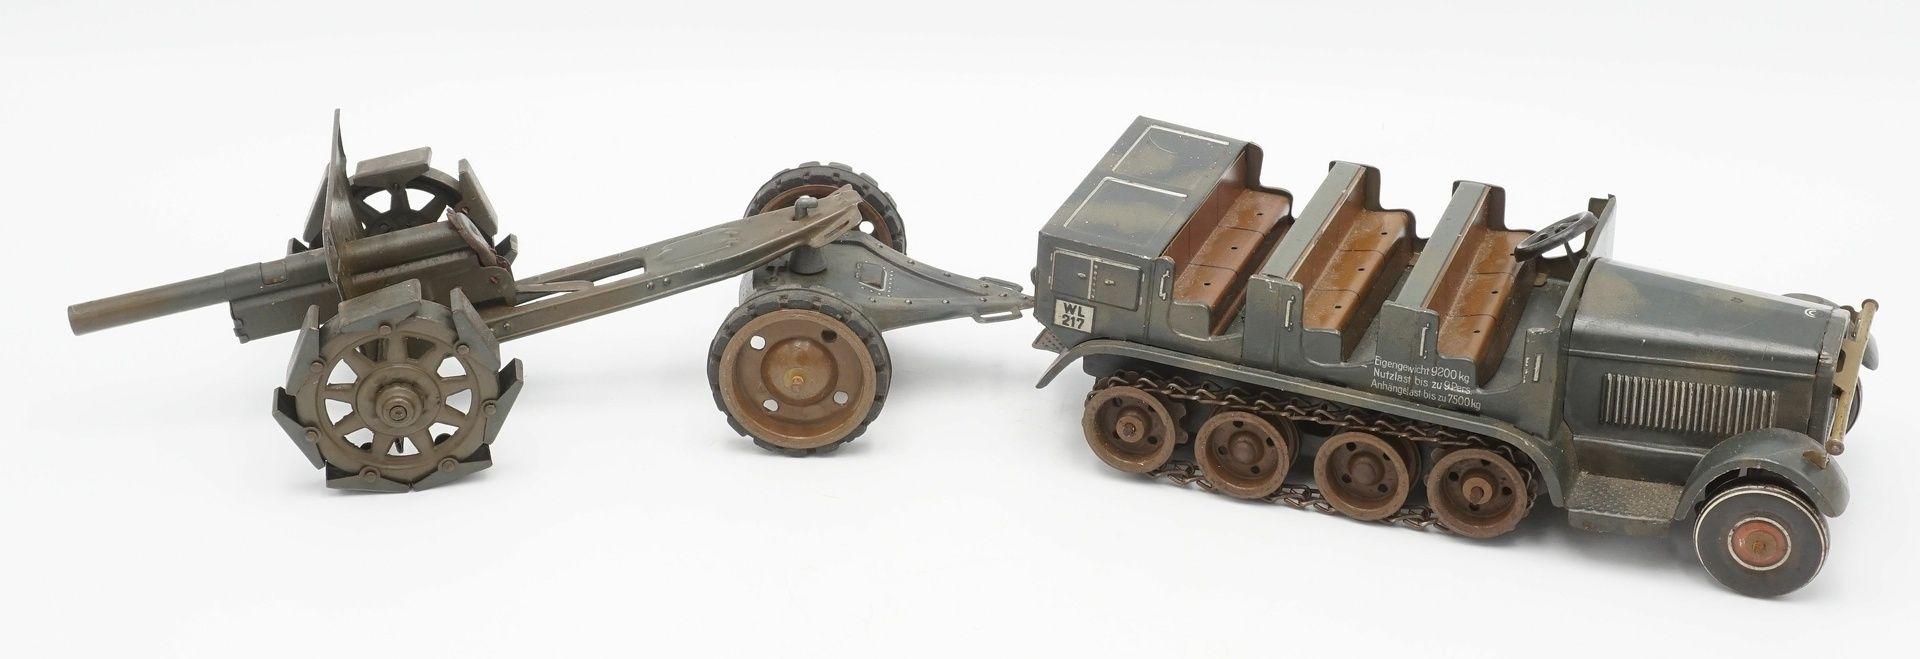 Tippco Wehrmachts Mannschaftswagen mit Geschütz, um 1940 - Bild 2 aus 4